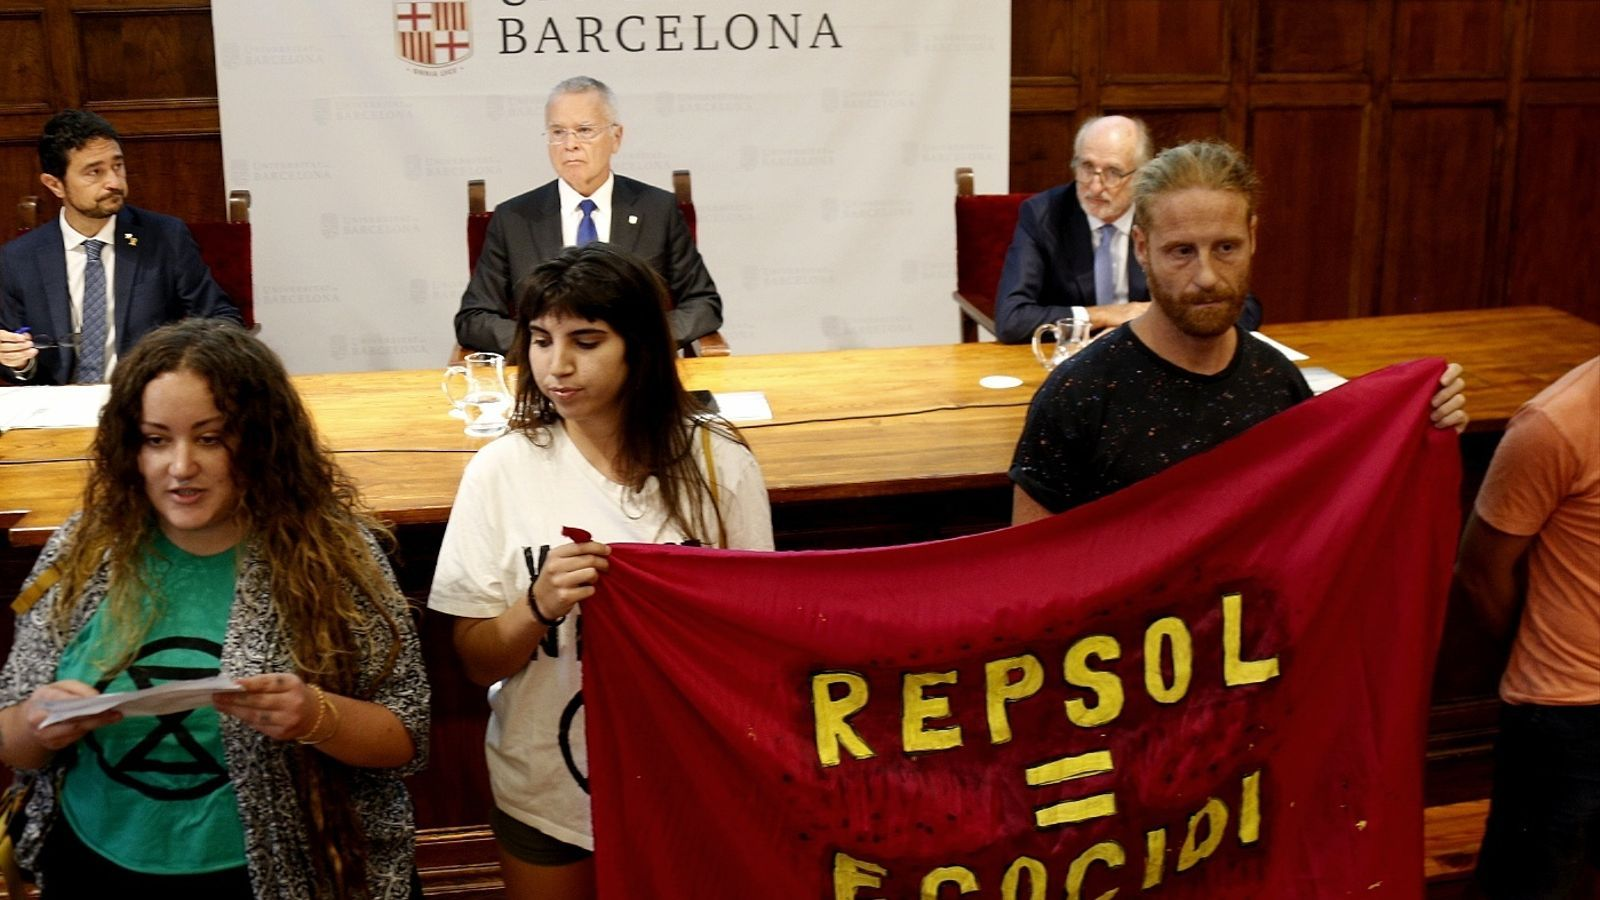 Protesta dels activistes a l'inici de l'acte al rectorat de la UB.